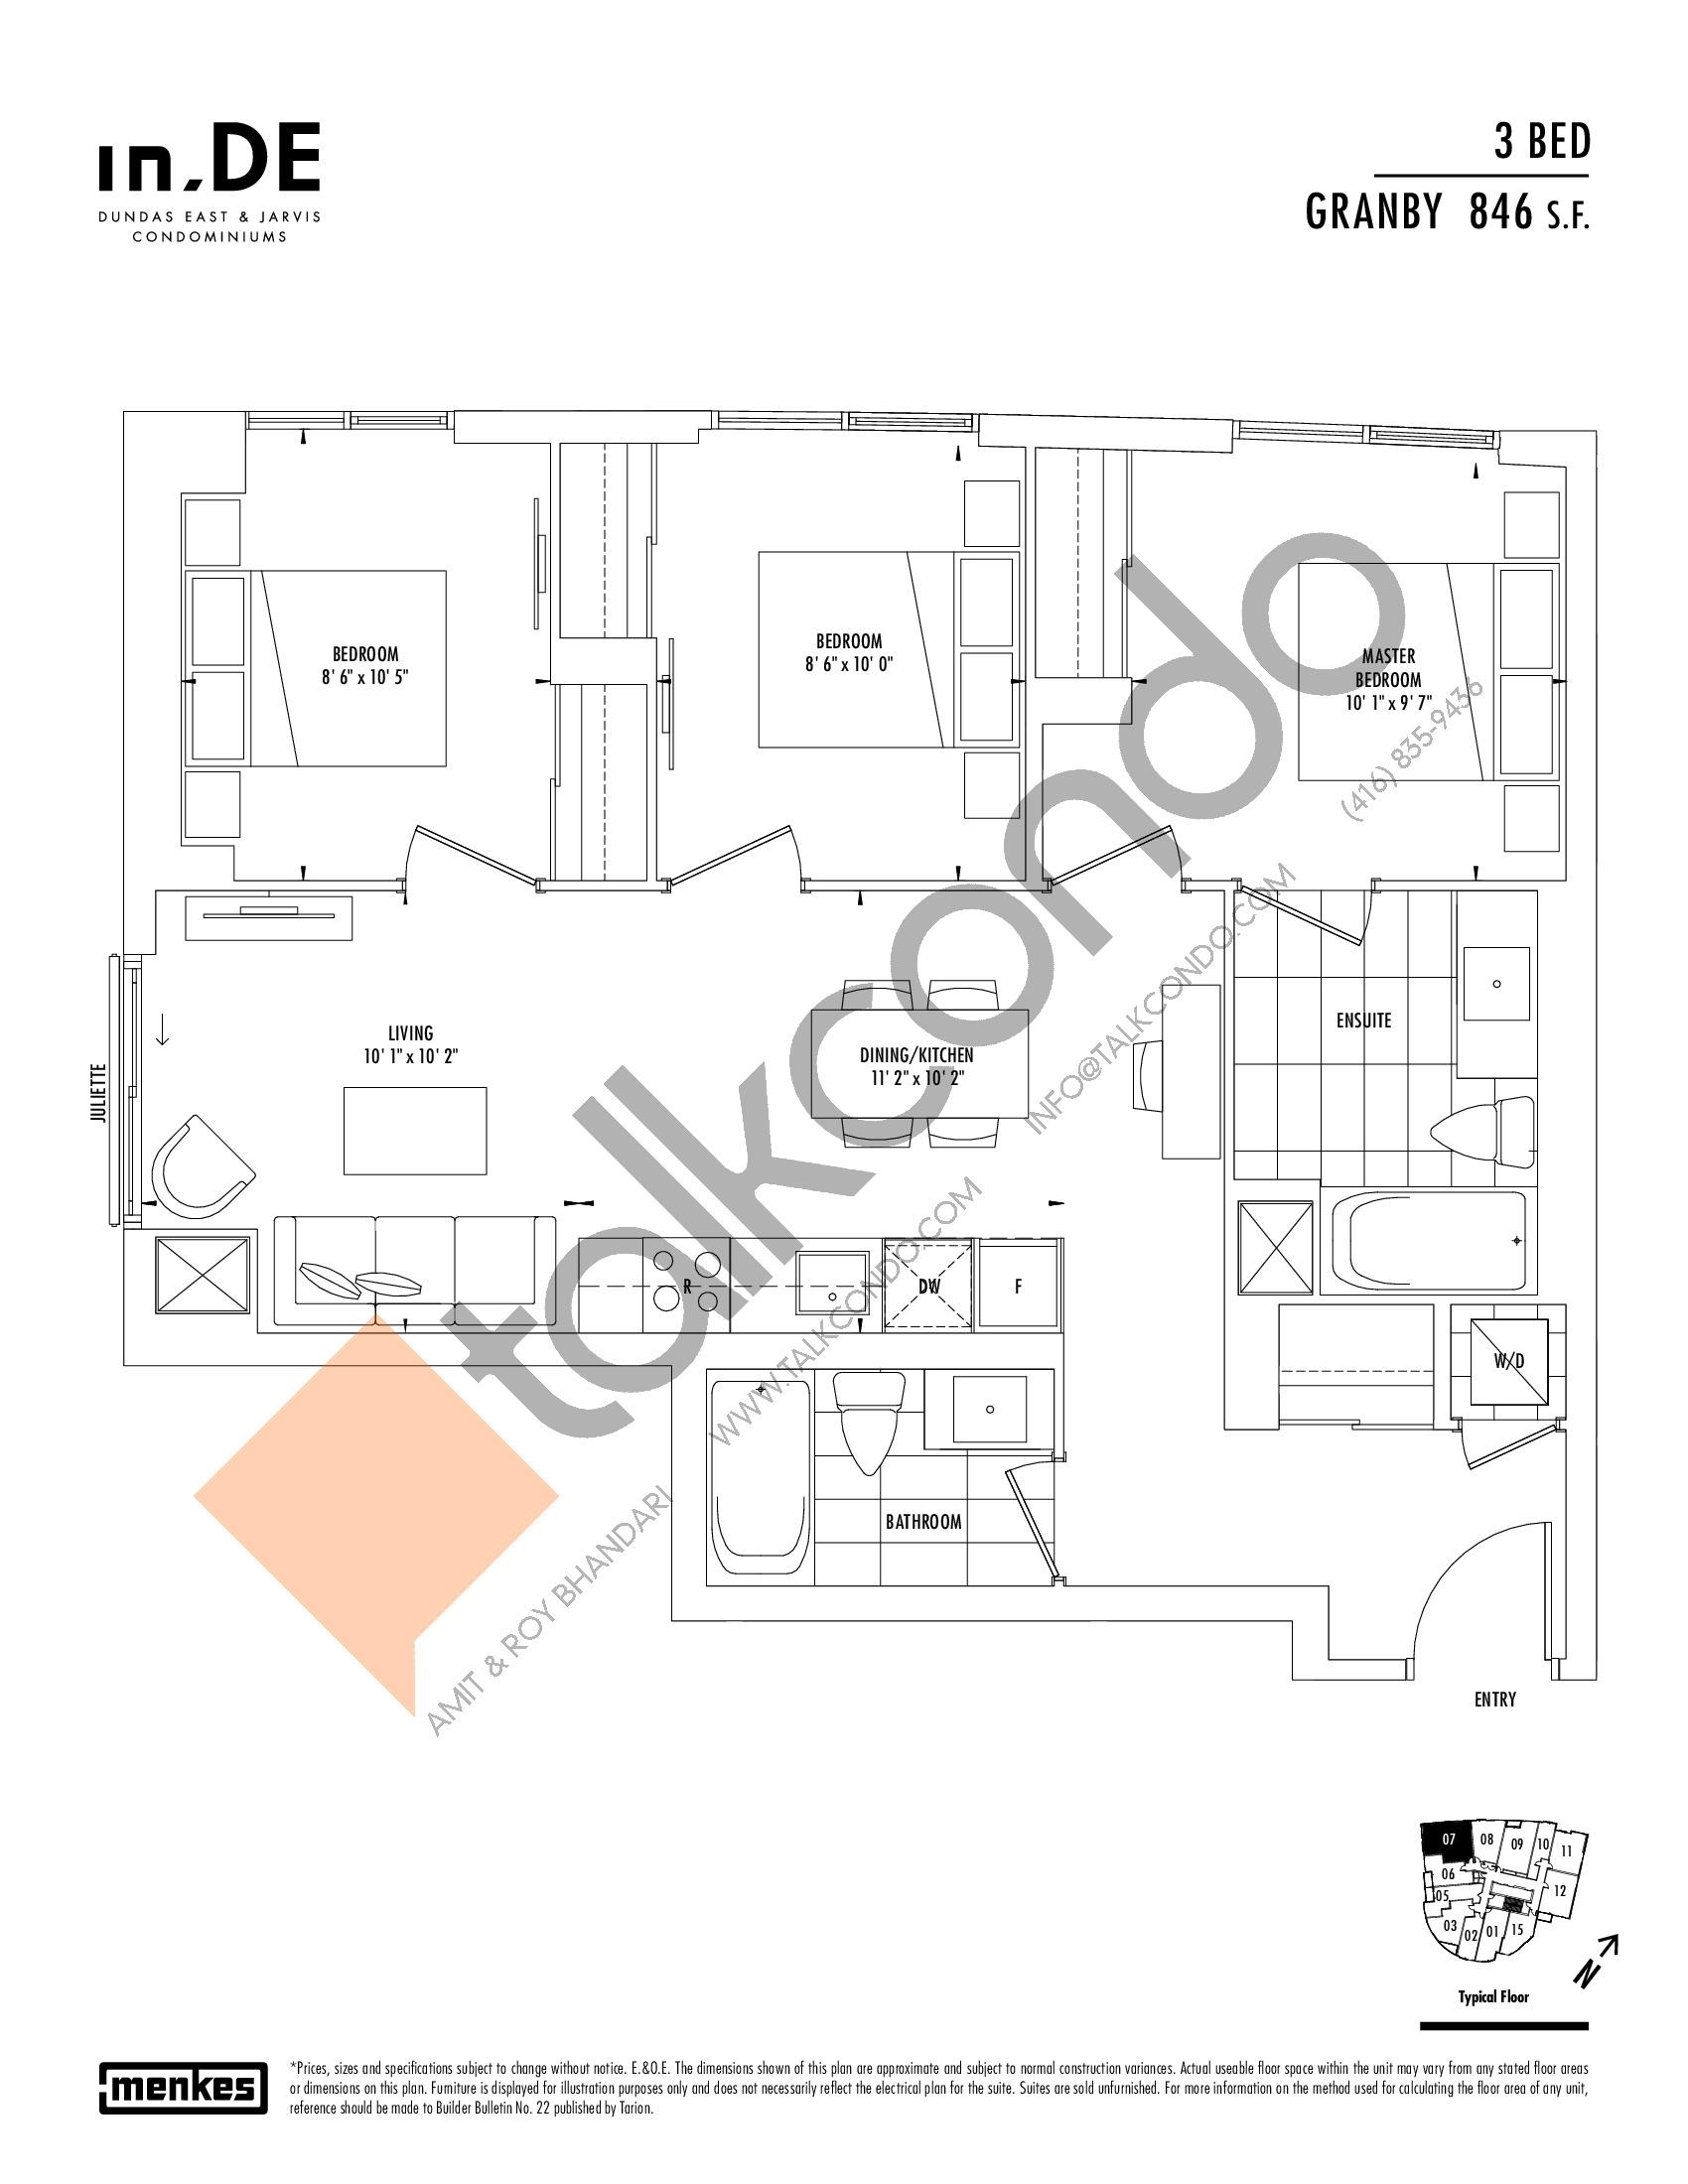 Granby Floor Plan at in.DE Condos - 846 sq.ft